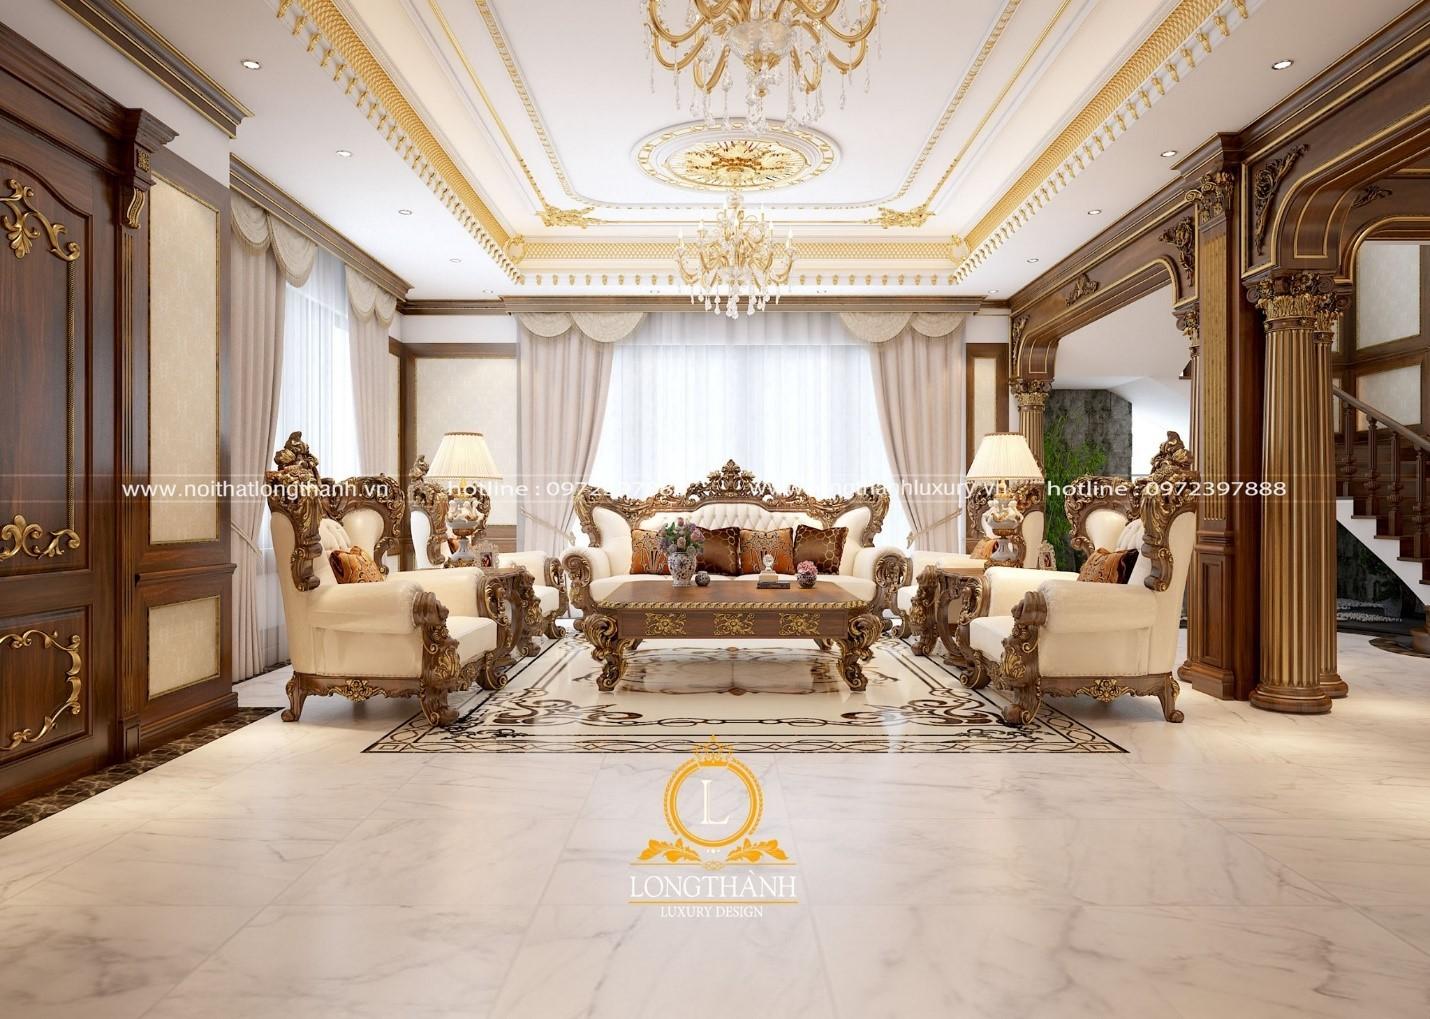 Phòng khách lộng lẫy với thiết kế tân cổ điển